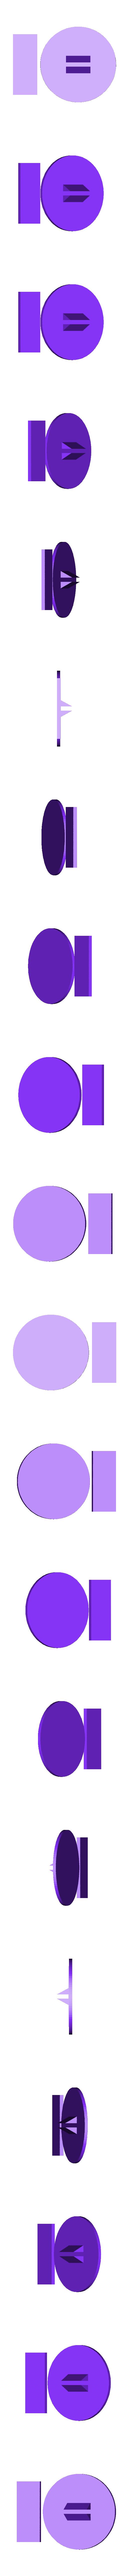 dmc_stand_base%2Bleg.stl Télécharger fichier STL gratuit Stand d'exposition de la DMC-12 DeLorean - Retour vers le futur • Modèle pour impression 3D, Gophy